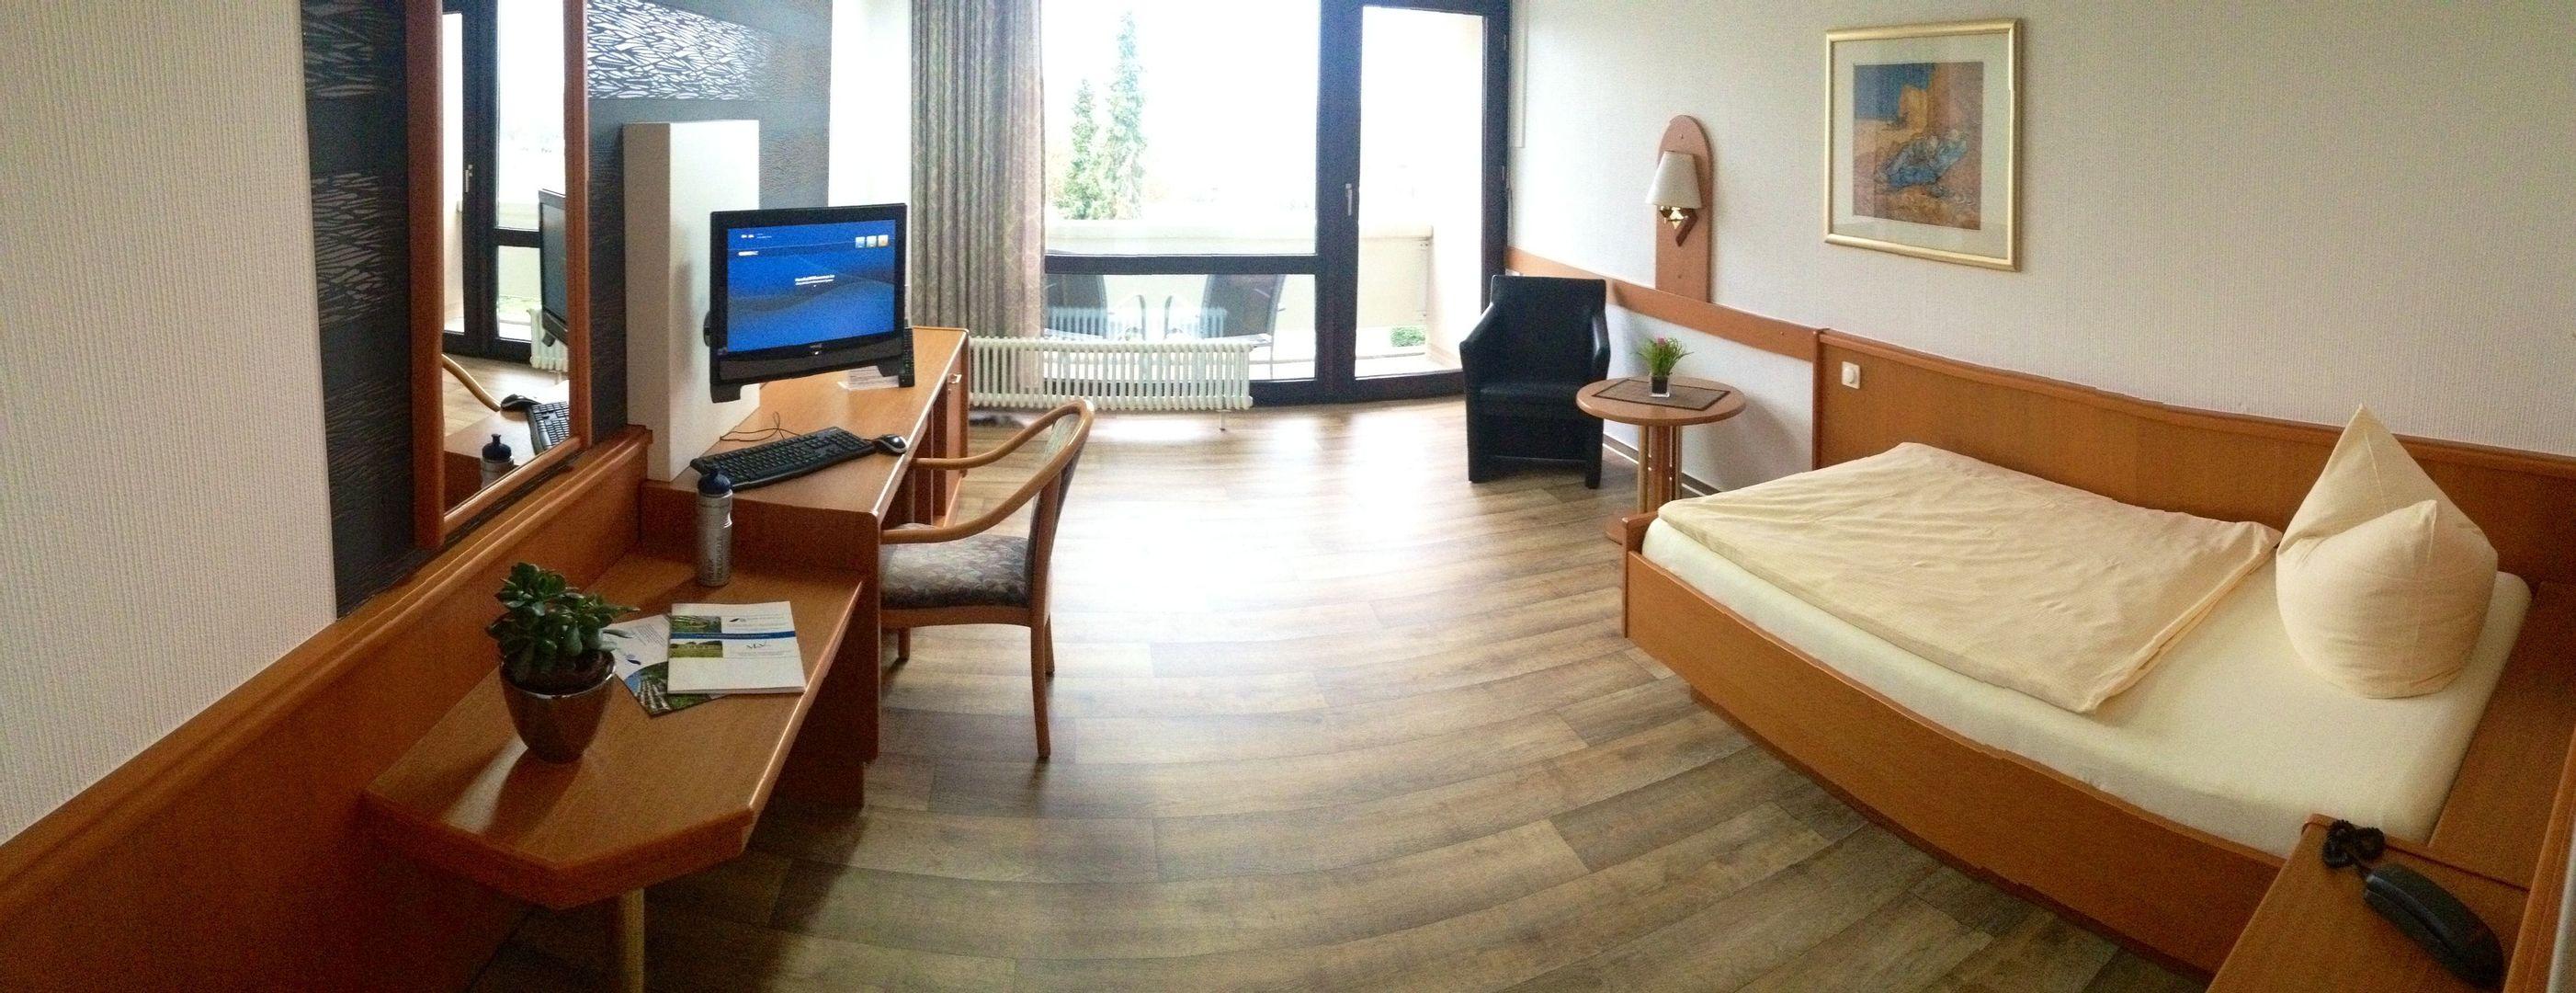 Zimmer | Klinik Solequelle in Bad Westernkotten